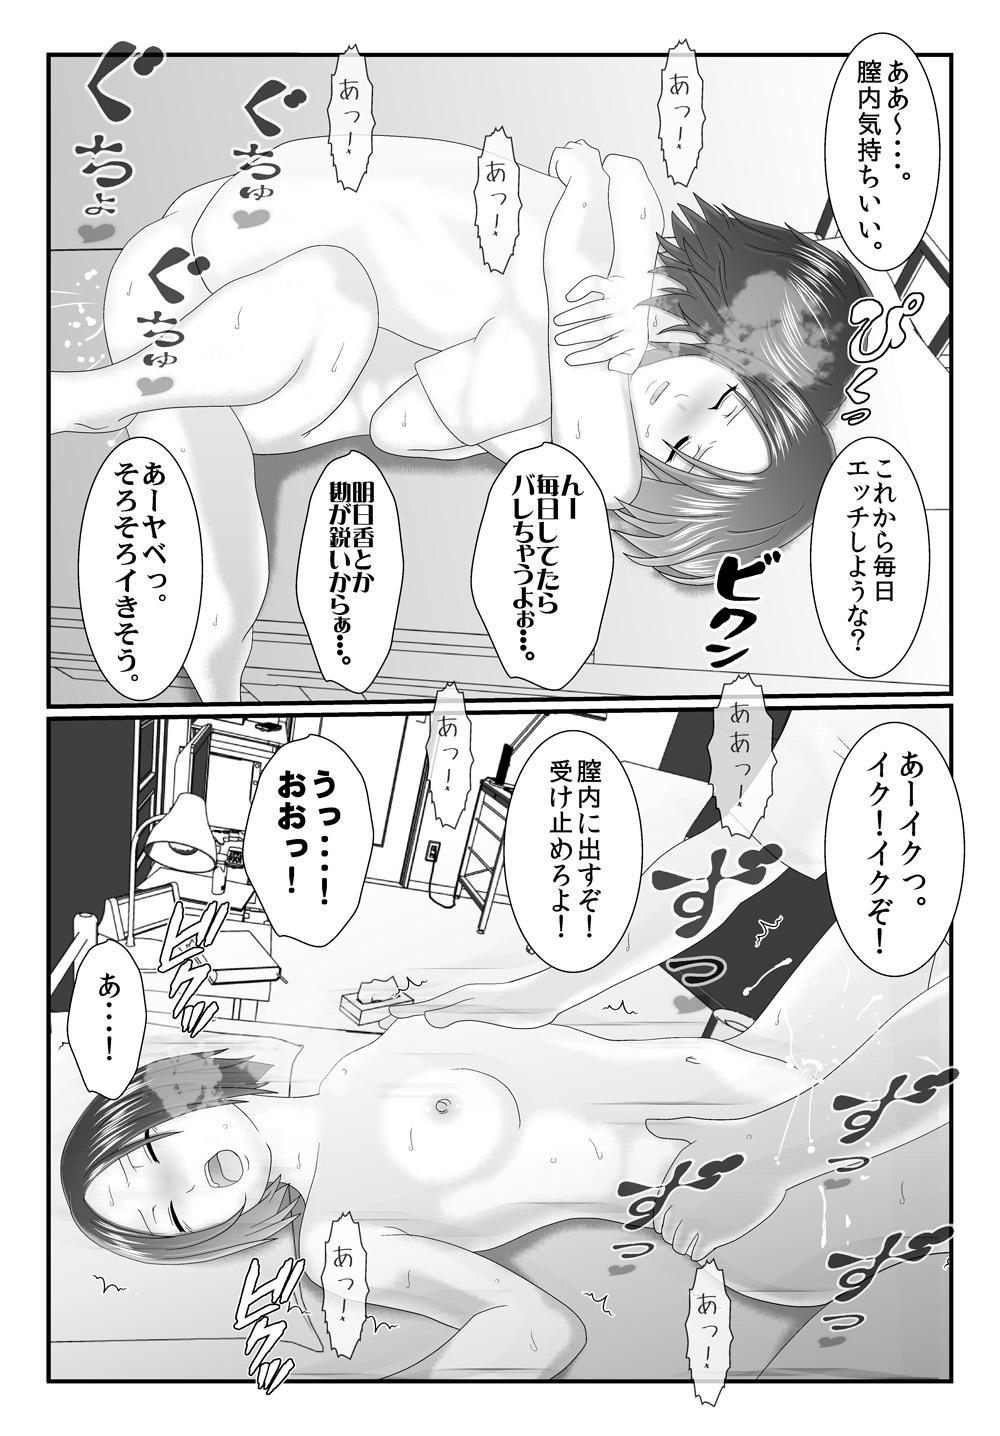 Ore no Juumai ga Razoku de Komaru - Ero Juukei × Juumai 34